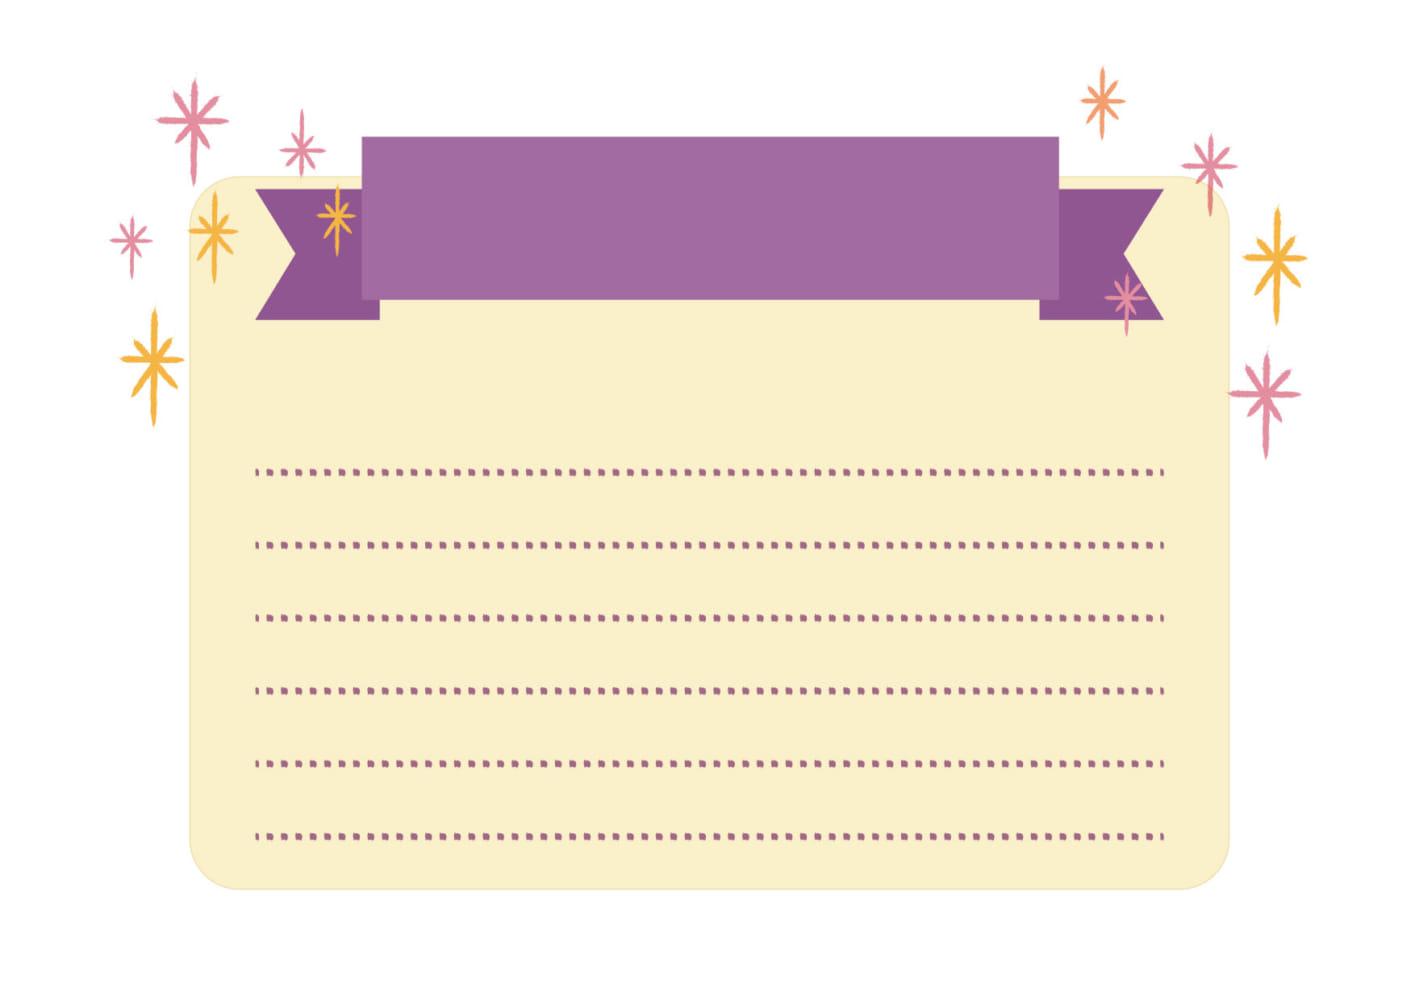 ノート リボン キラキラ 紫 イラスト 無料